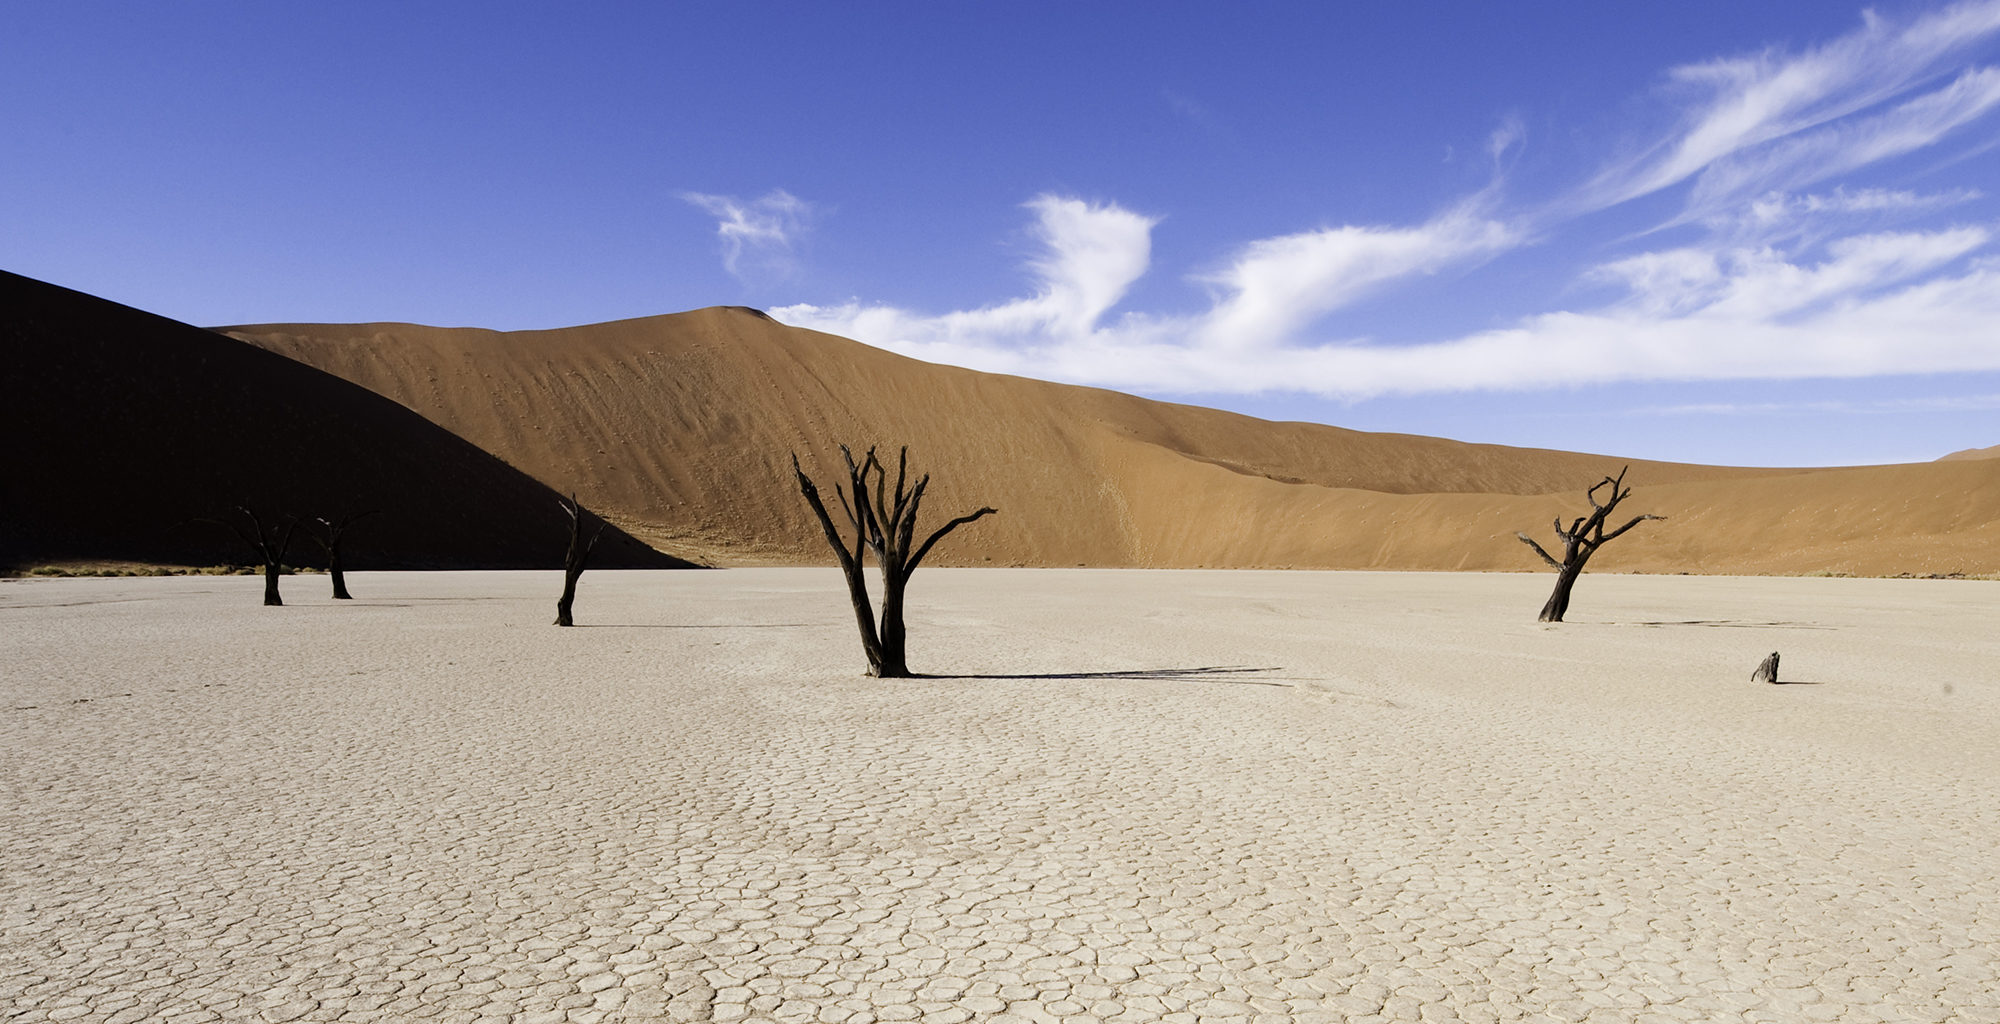 Namibia-Greater-Sossusvlei-Landscape